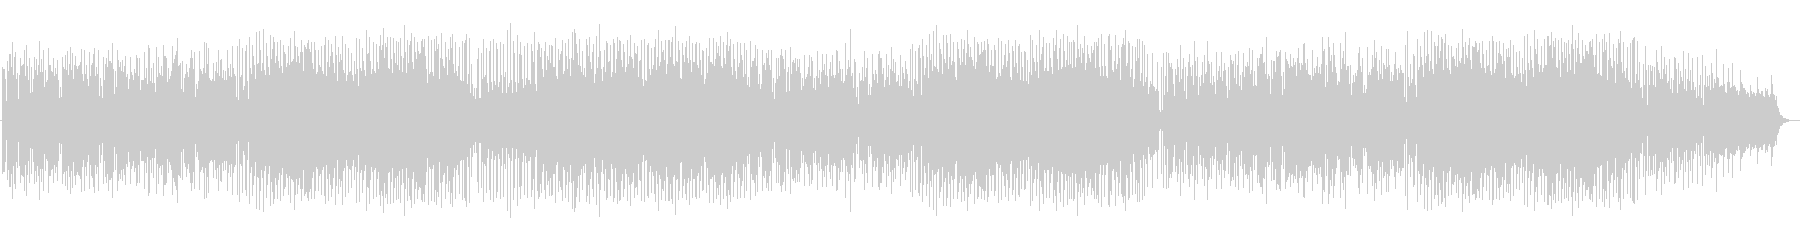 ラテンテイストのフュージョン曲の未再生の波形